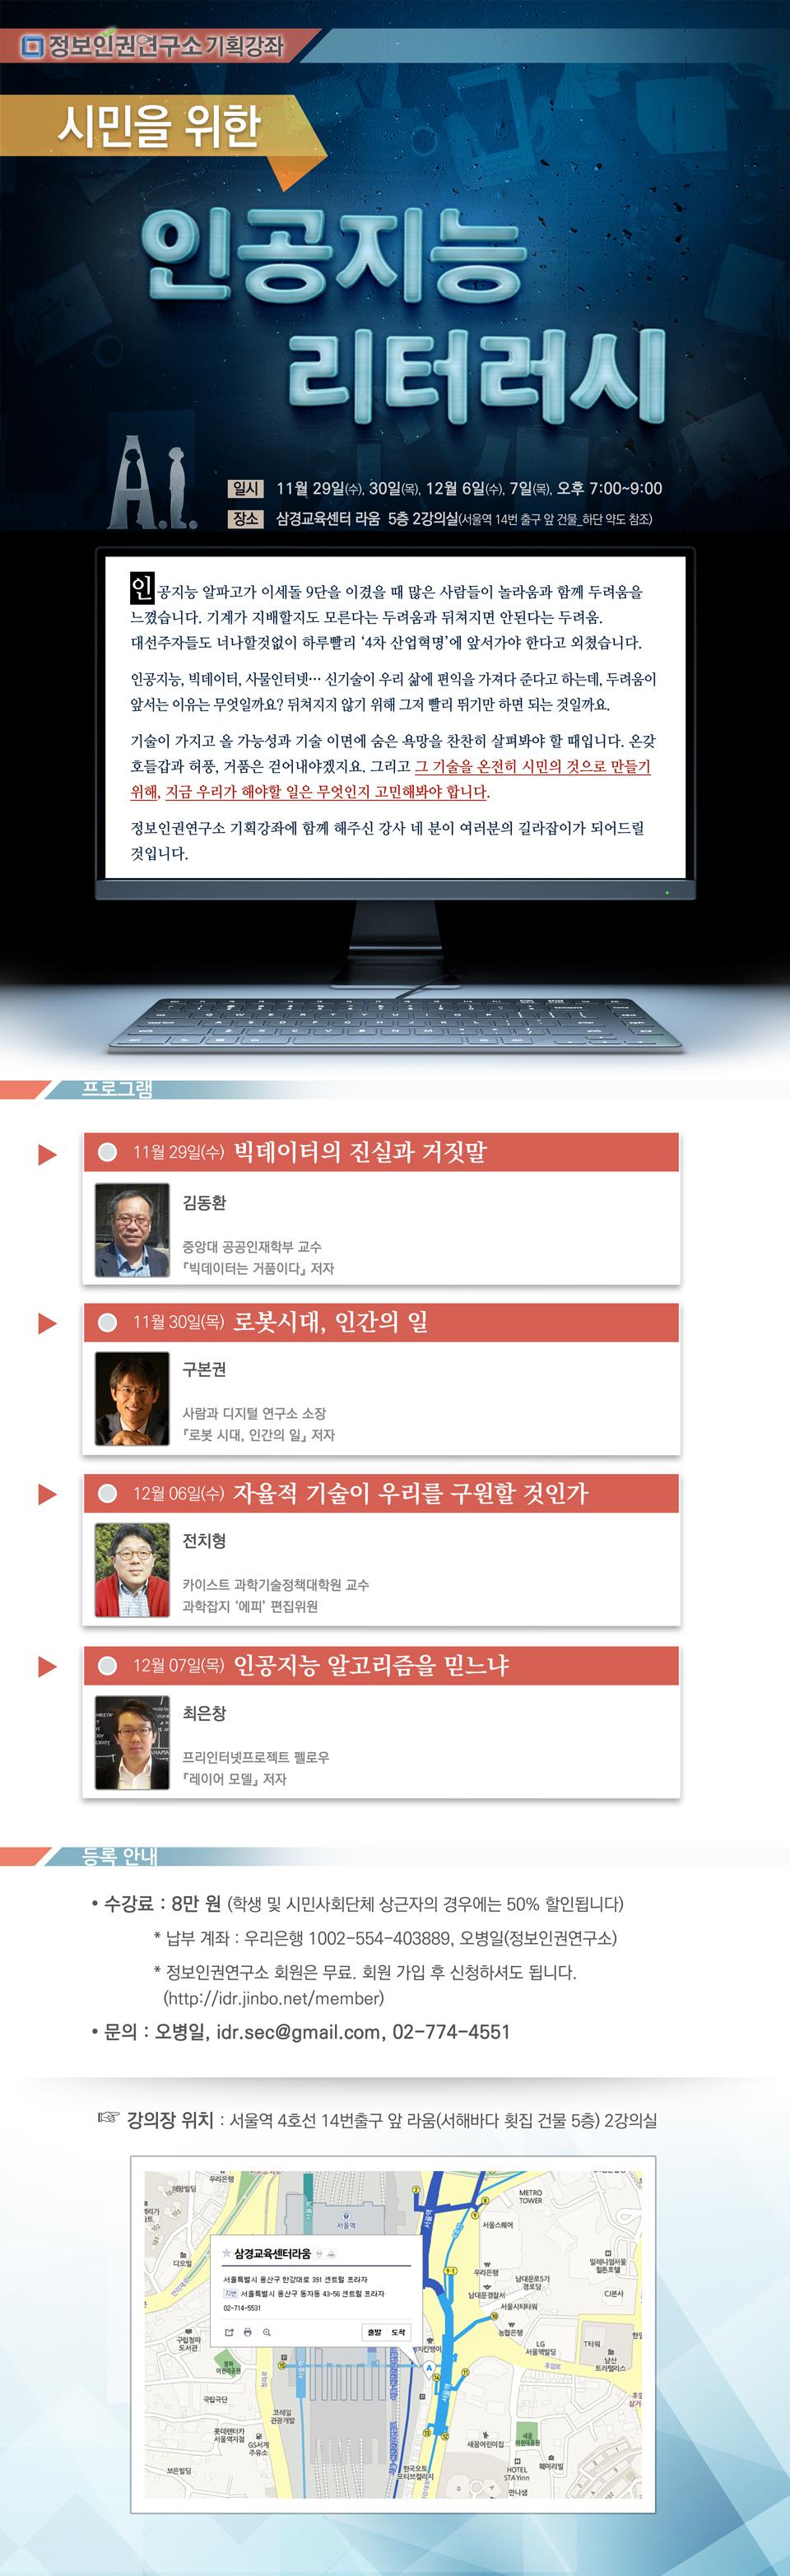 정보인권연구소 기획강좌 웹자보_수정_960px